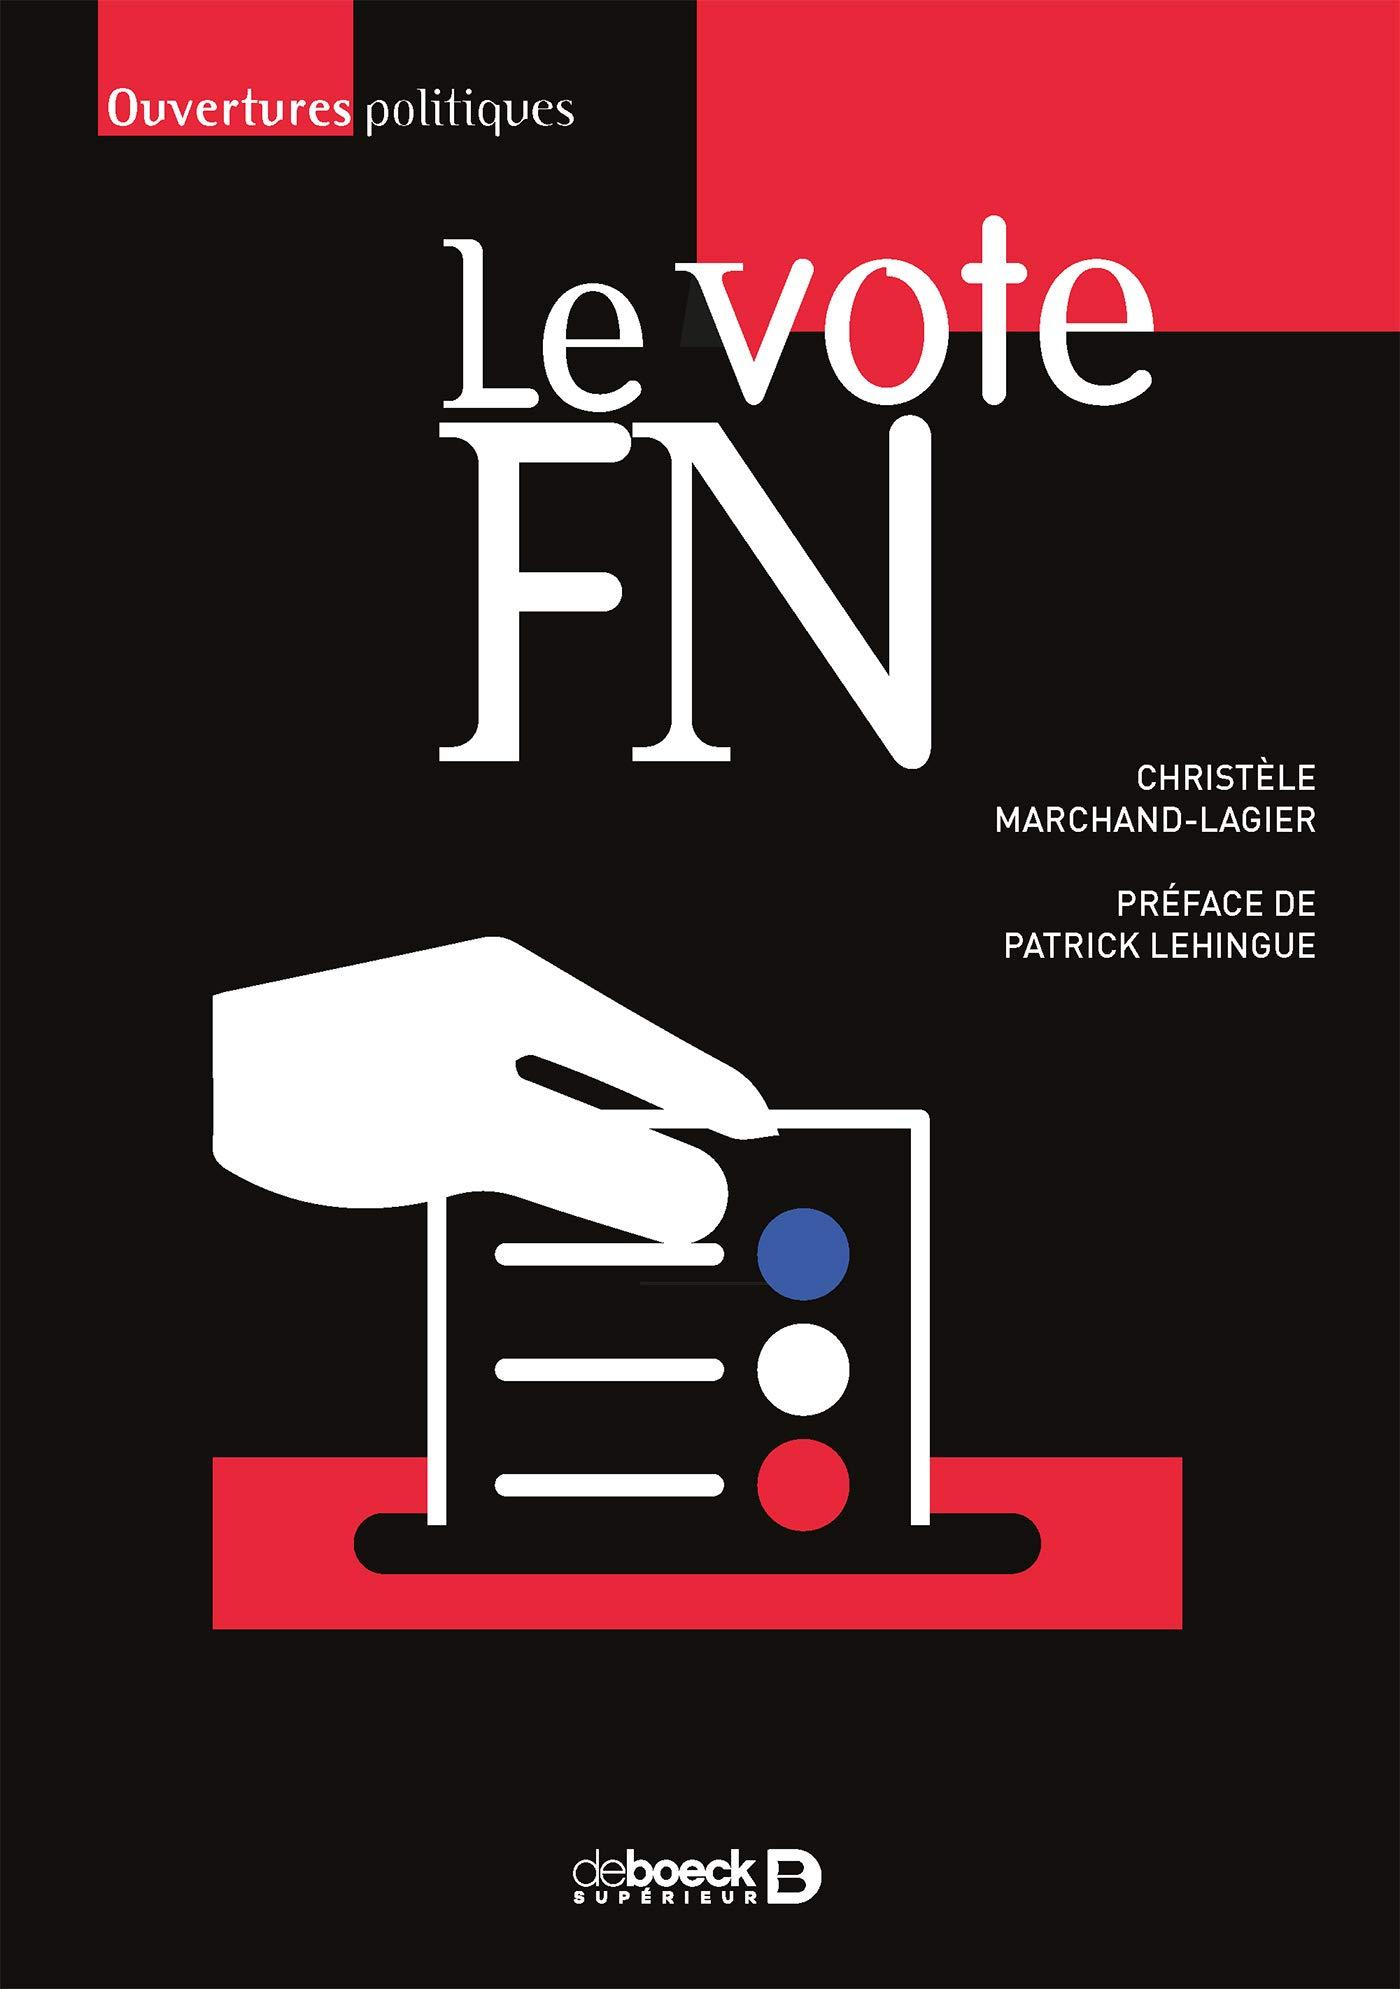 Peu après son départ du FN, Florian Philippot rencontre Nicolas Dupont-Aignan